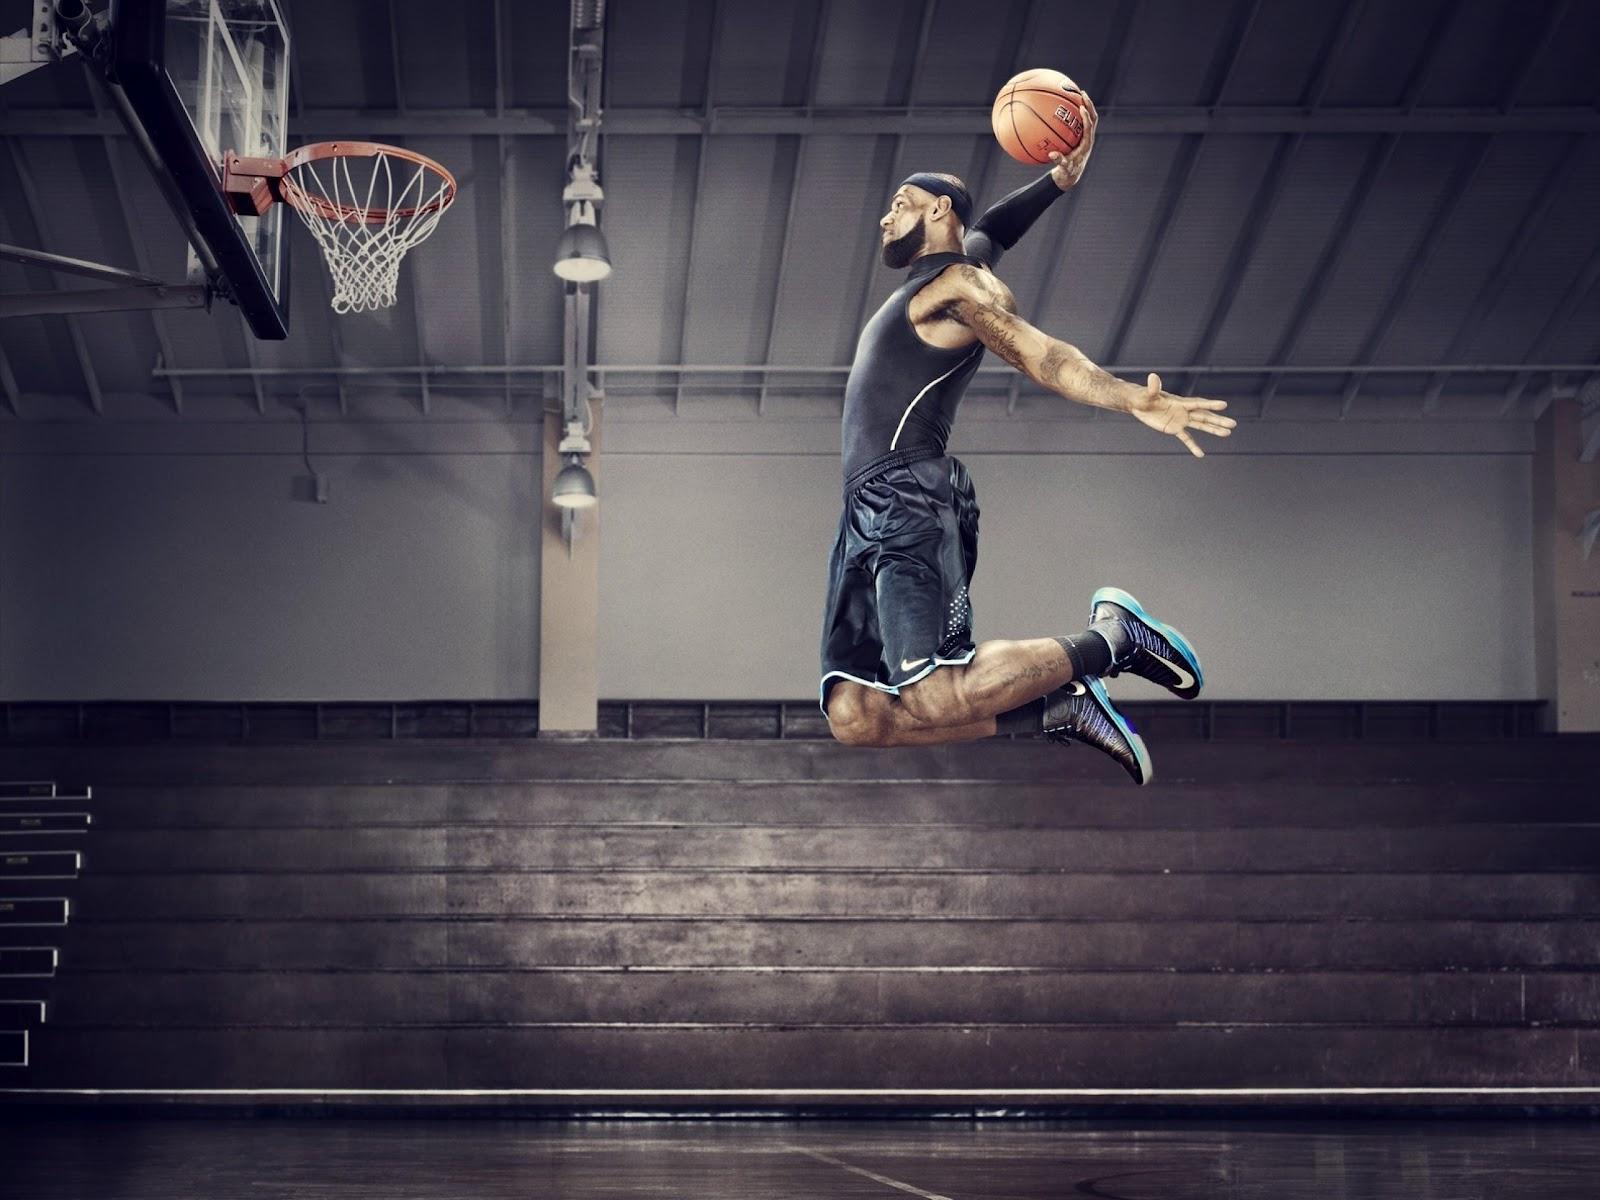 He99 Lebron James Dunk Nba Sports Art Basketball: Dunk Wallpaper